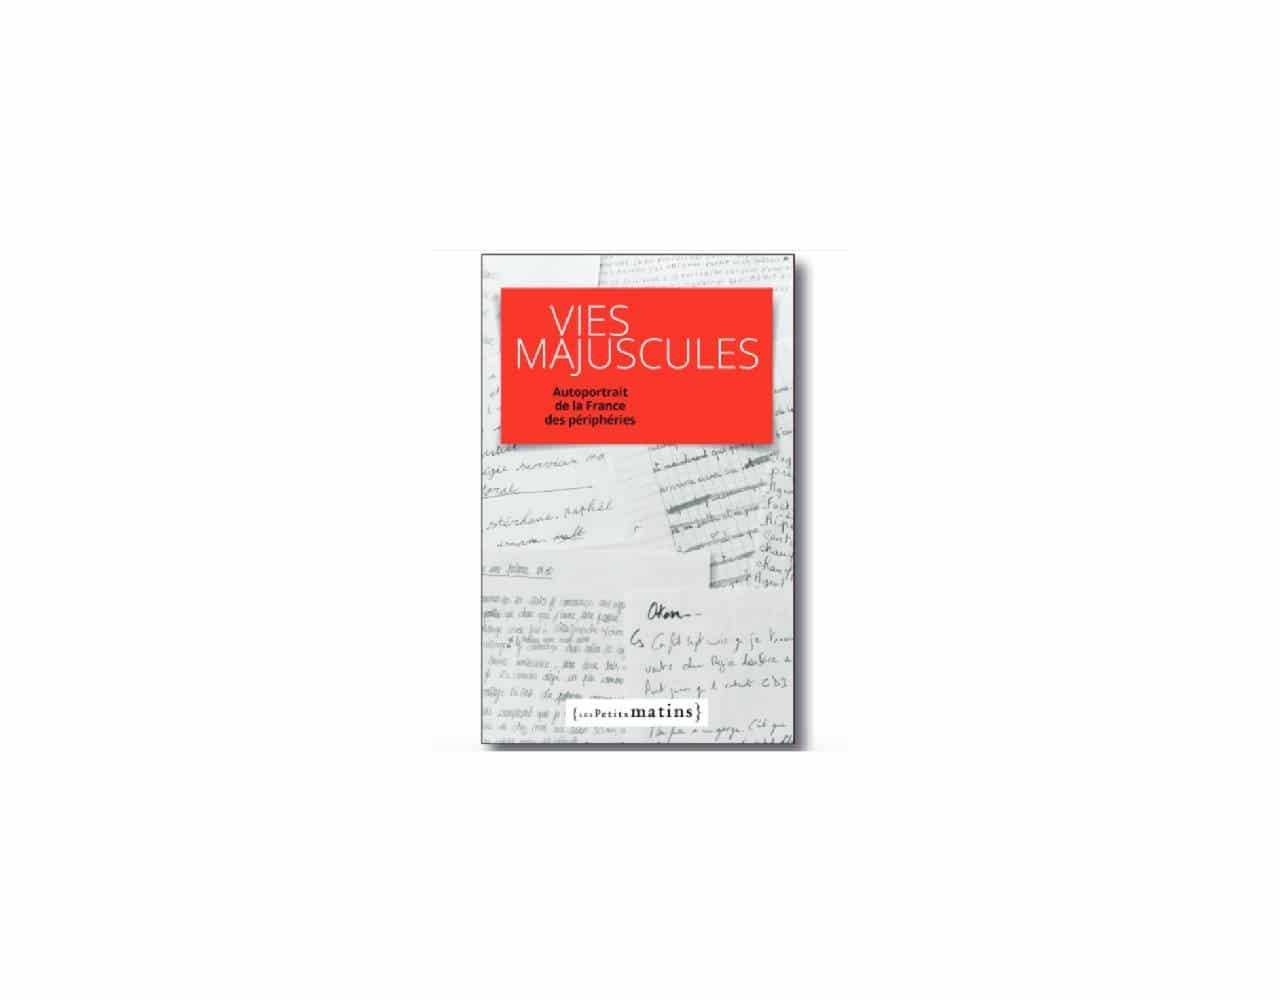 Vies Majuscules - Autoportrait de la France des périphéries